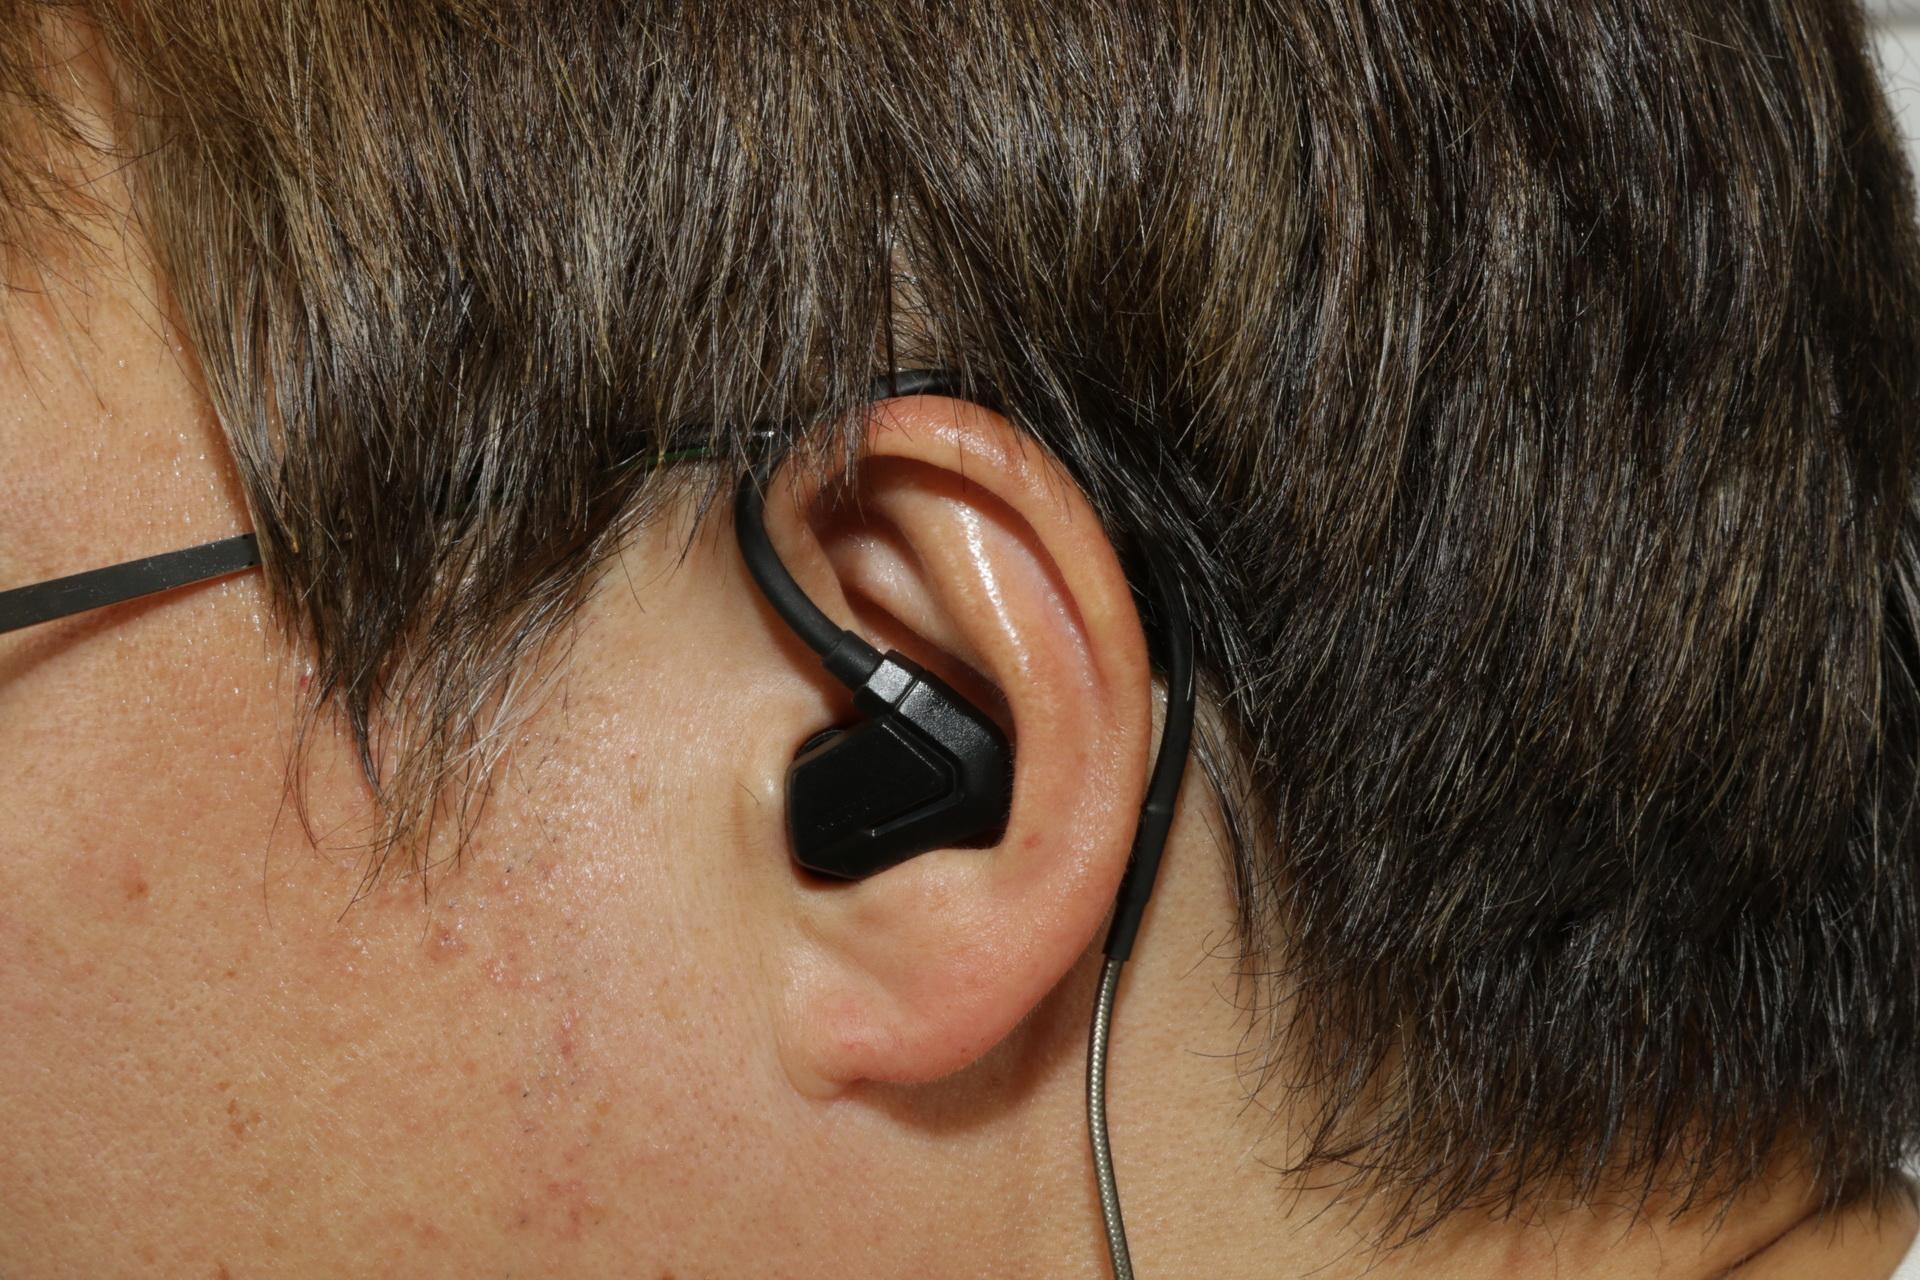 ヘッドセット部から伸びるイヤーフックは形を整えて耳にフィットさせることができる。重量は公開されていないが、かなり軽い部類に入るので、装着していても疲れることがない